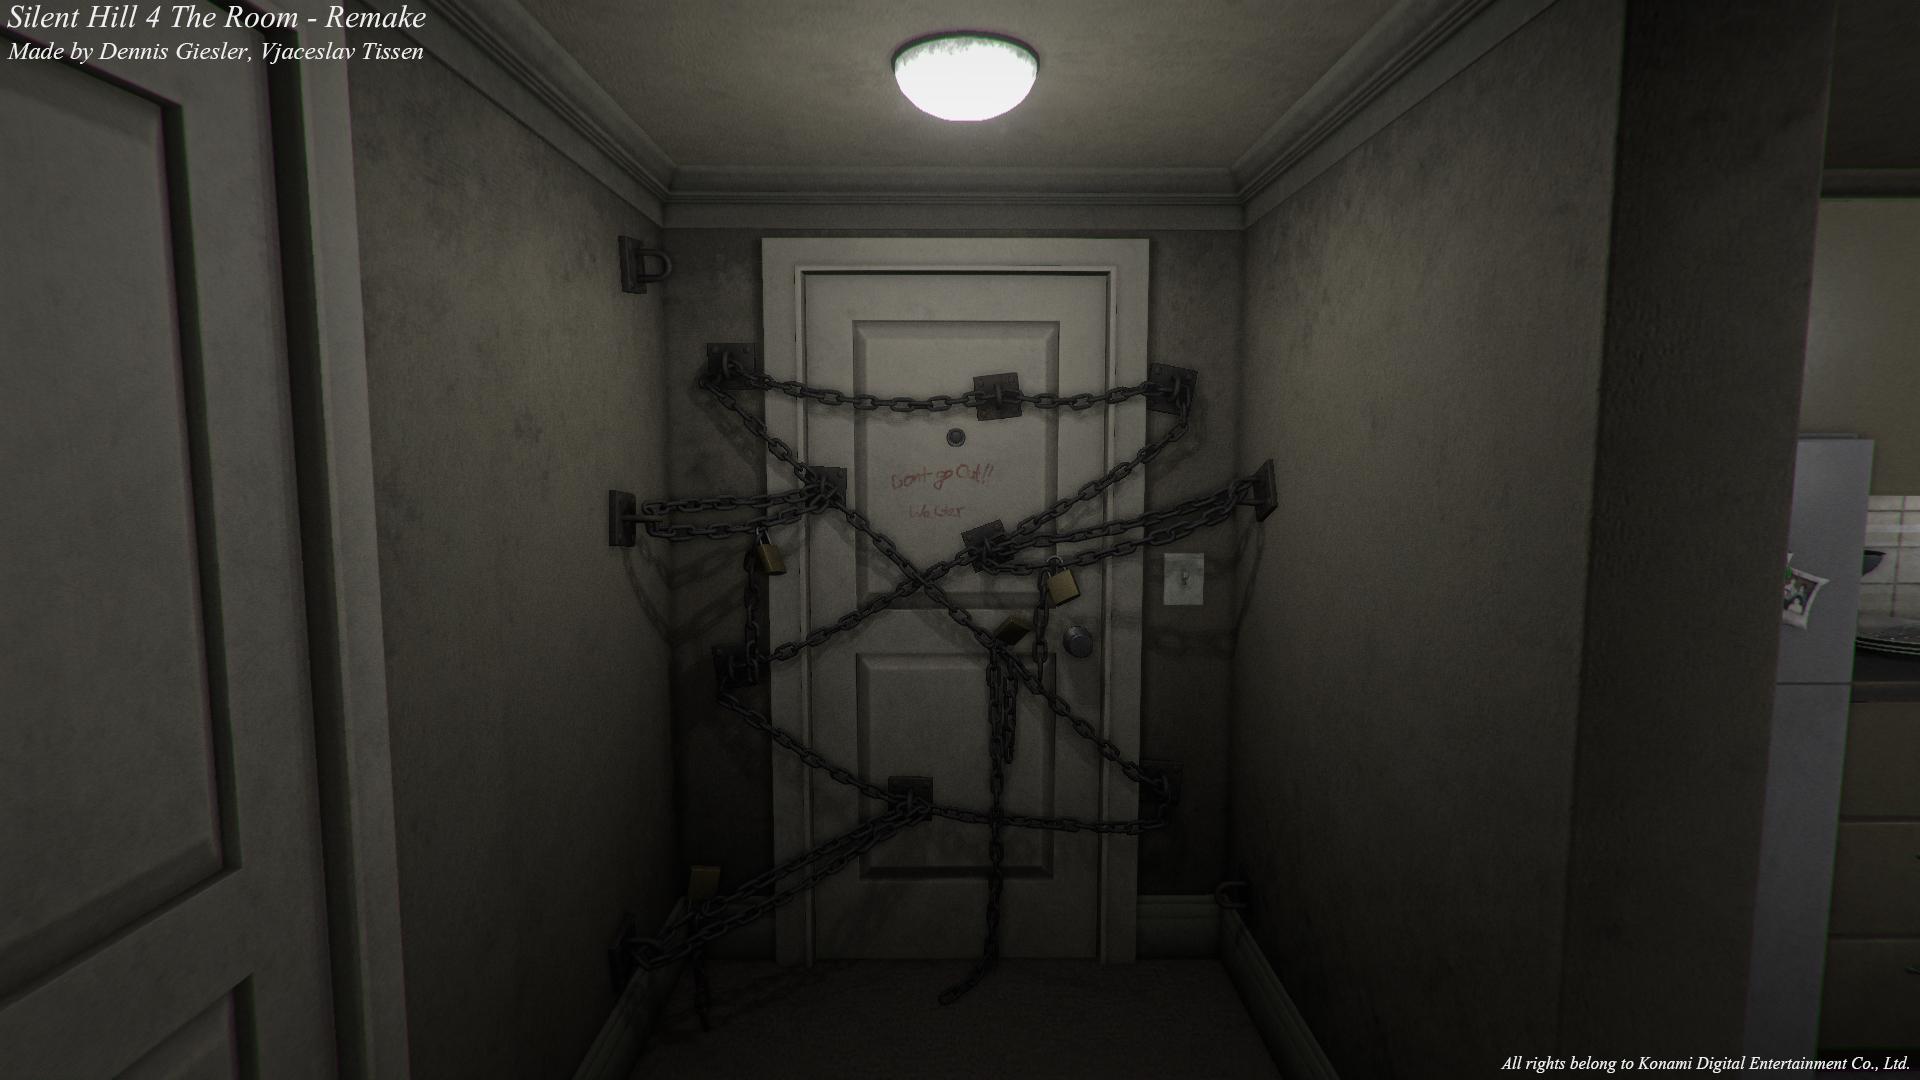 寂静岭4游戏视频_玩家用Unity 5引擎重制《寂静岭4:房间》公寓_www.3dmgame.com